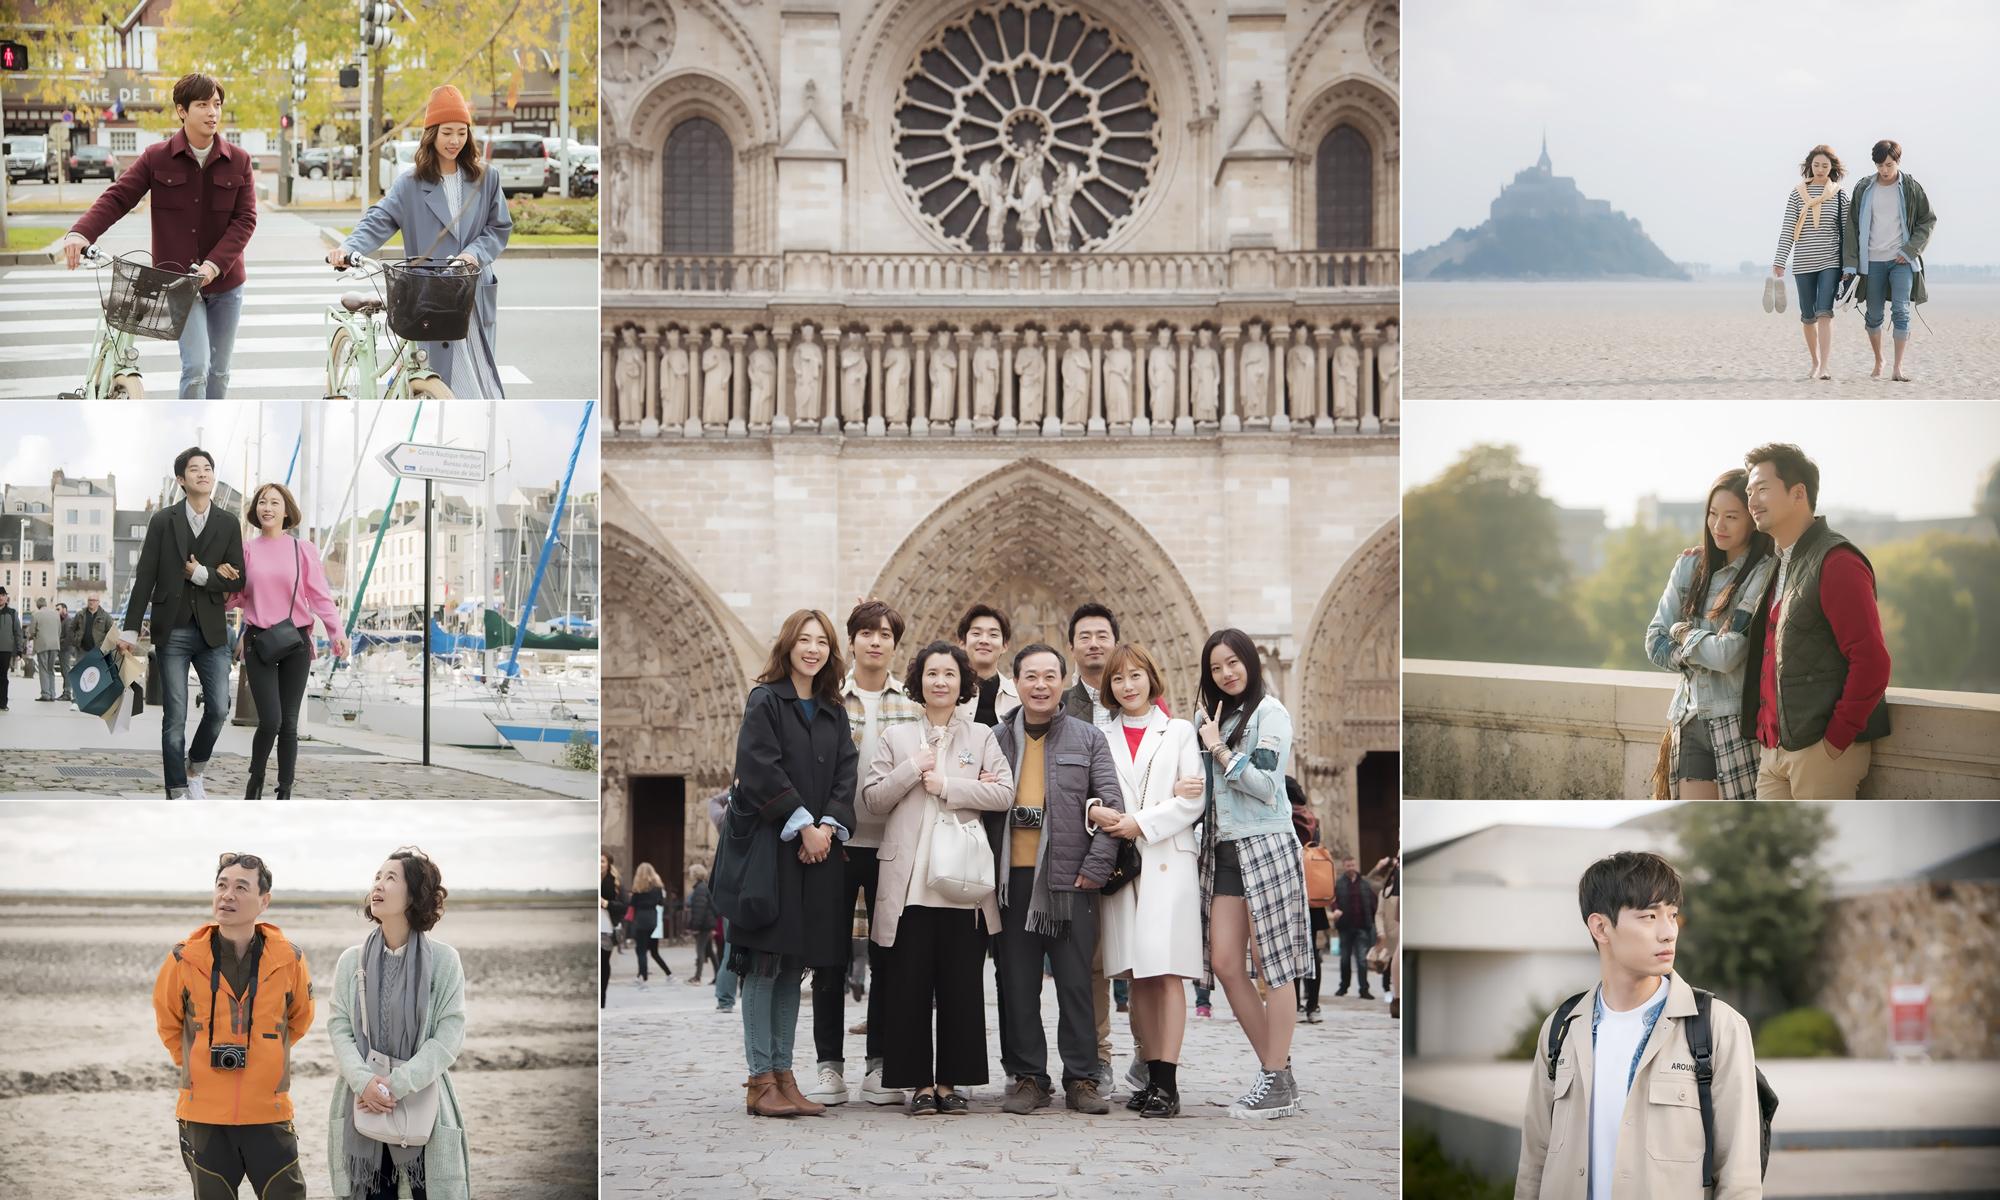 <더 패키지> 이연희X정용화, 최우식X하시은··· 프랑스 여행 사진 '시선 압도'